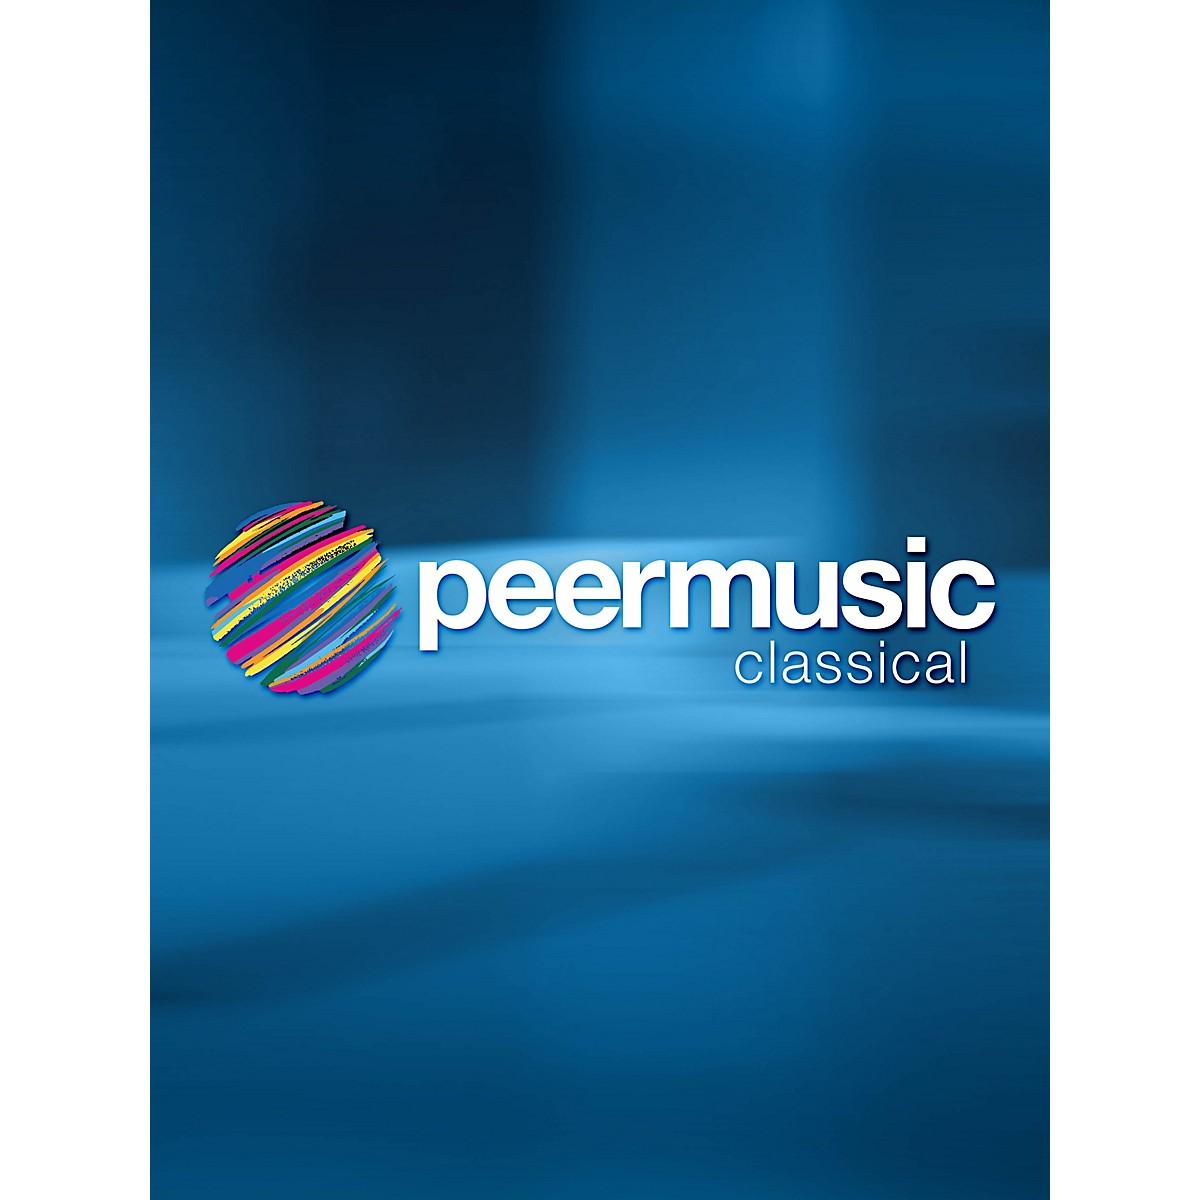 Peer Music Arenas D'un Tiempo Peermusic Classical Series